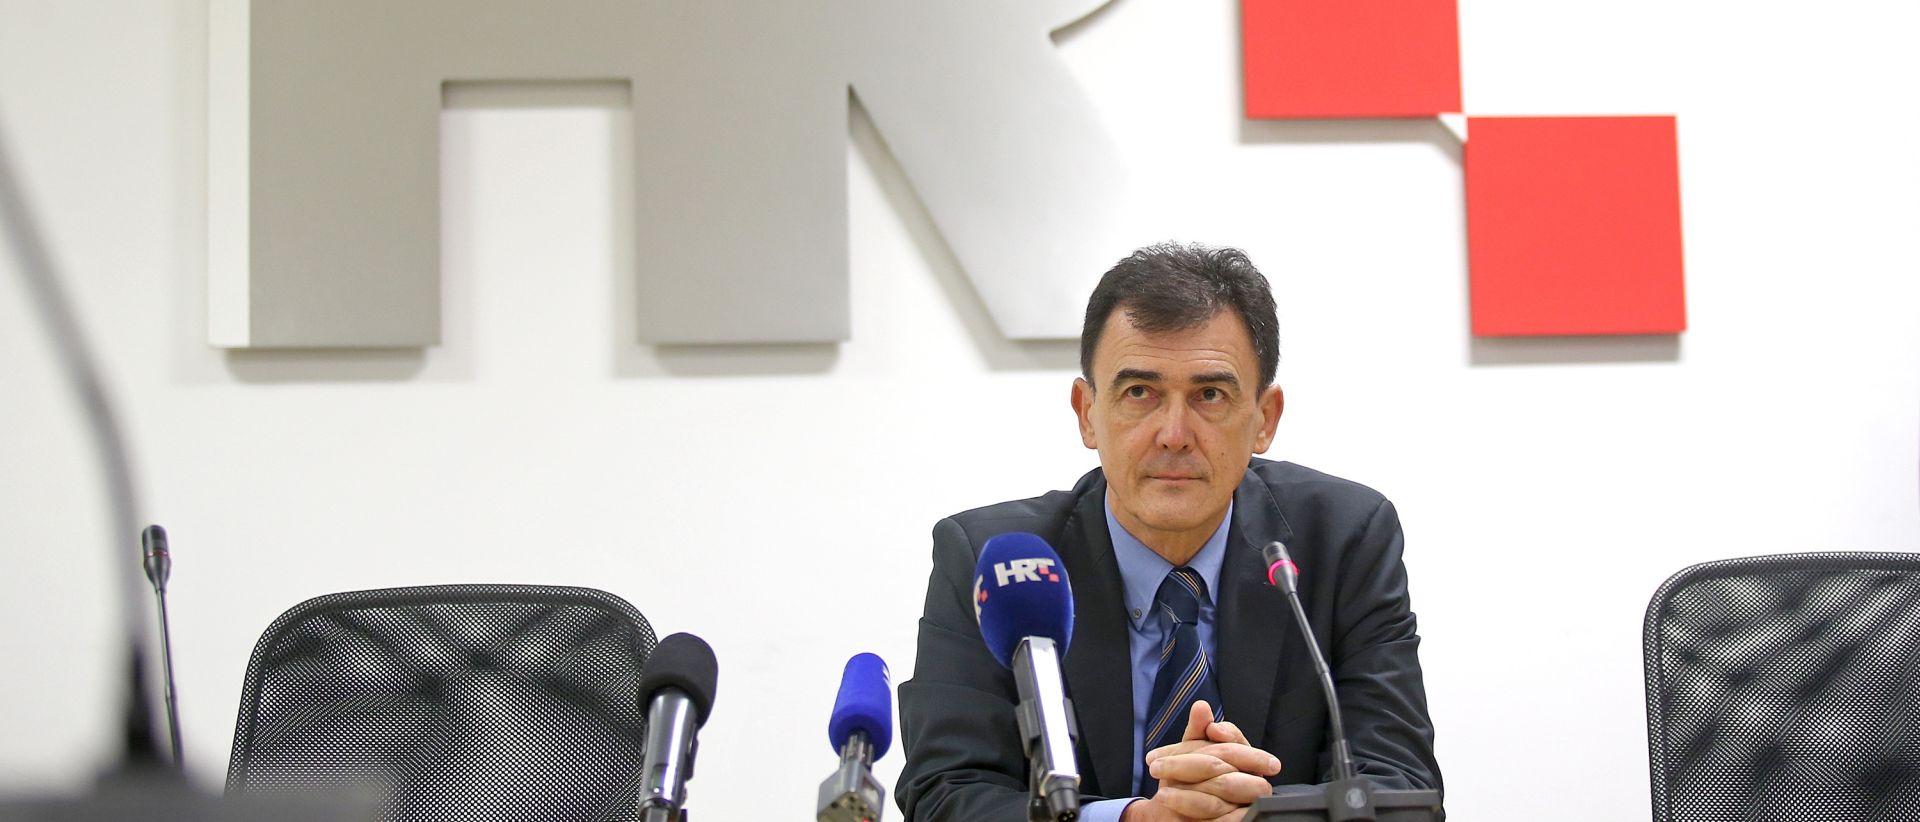 NO HRT-a zatražio mišljenje je li prijenosom Radmanove konferencije privatiziran javni servis